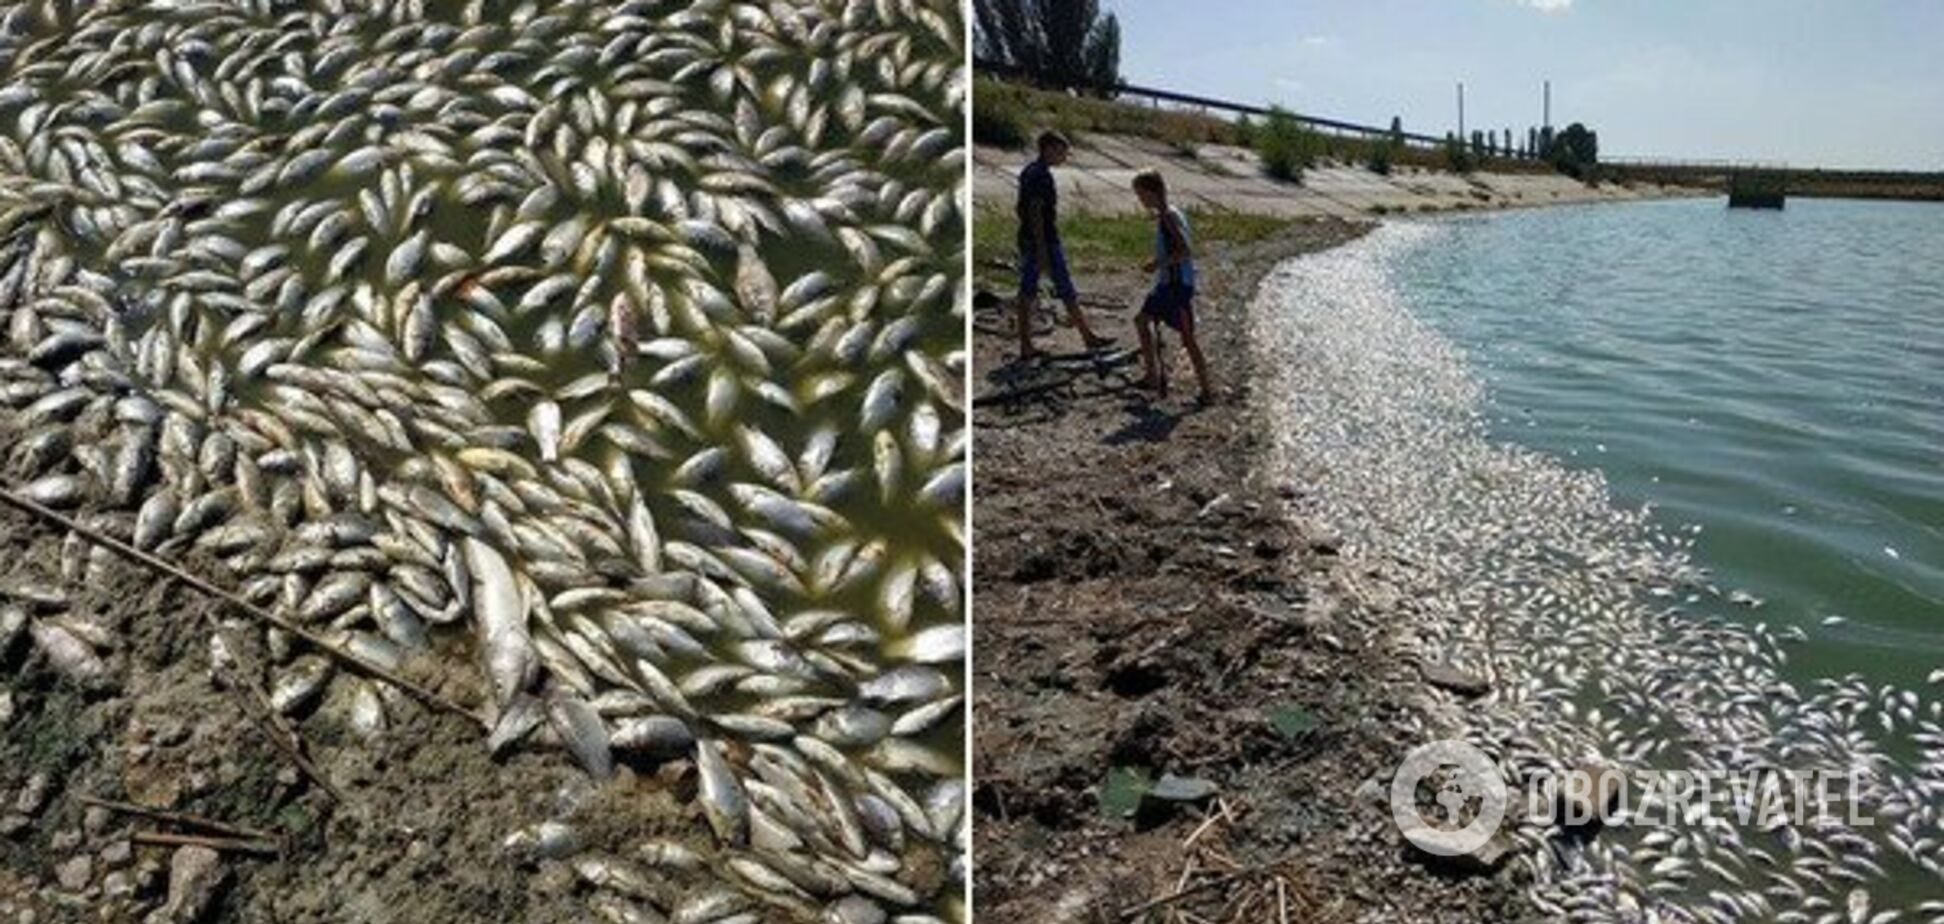 Екологічна катастрофа: під Дніпром масово гине риба. Фото